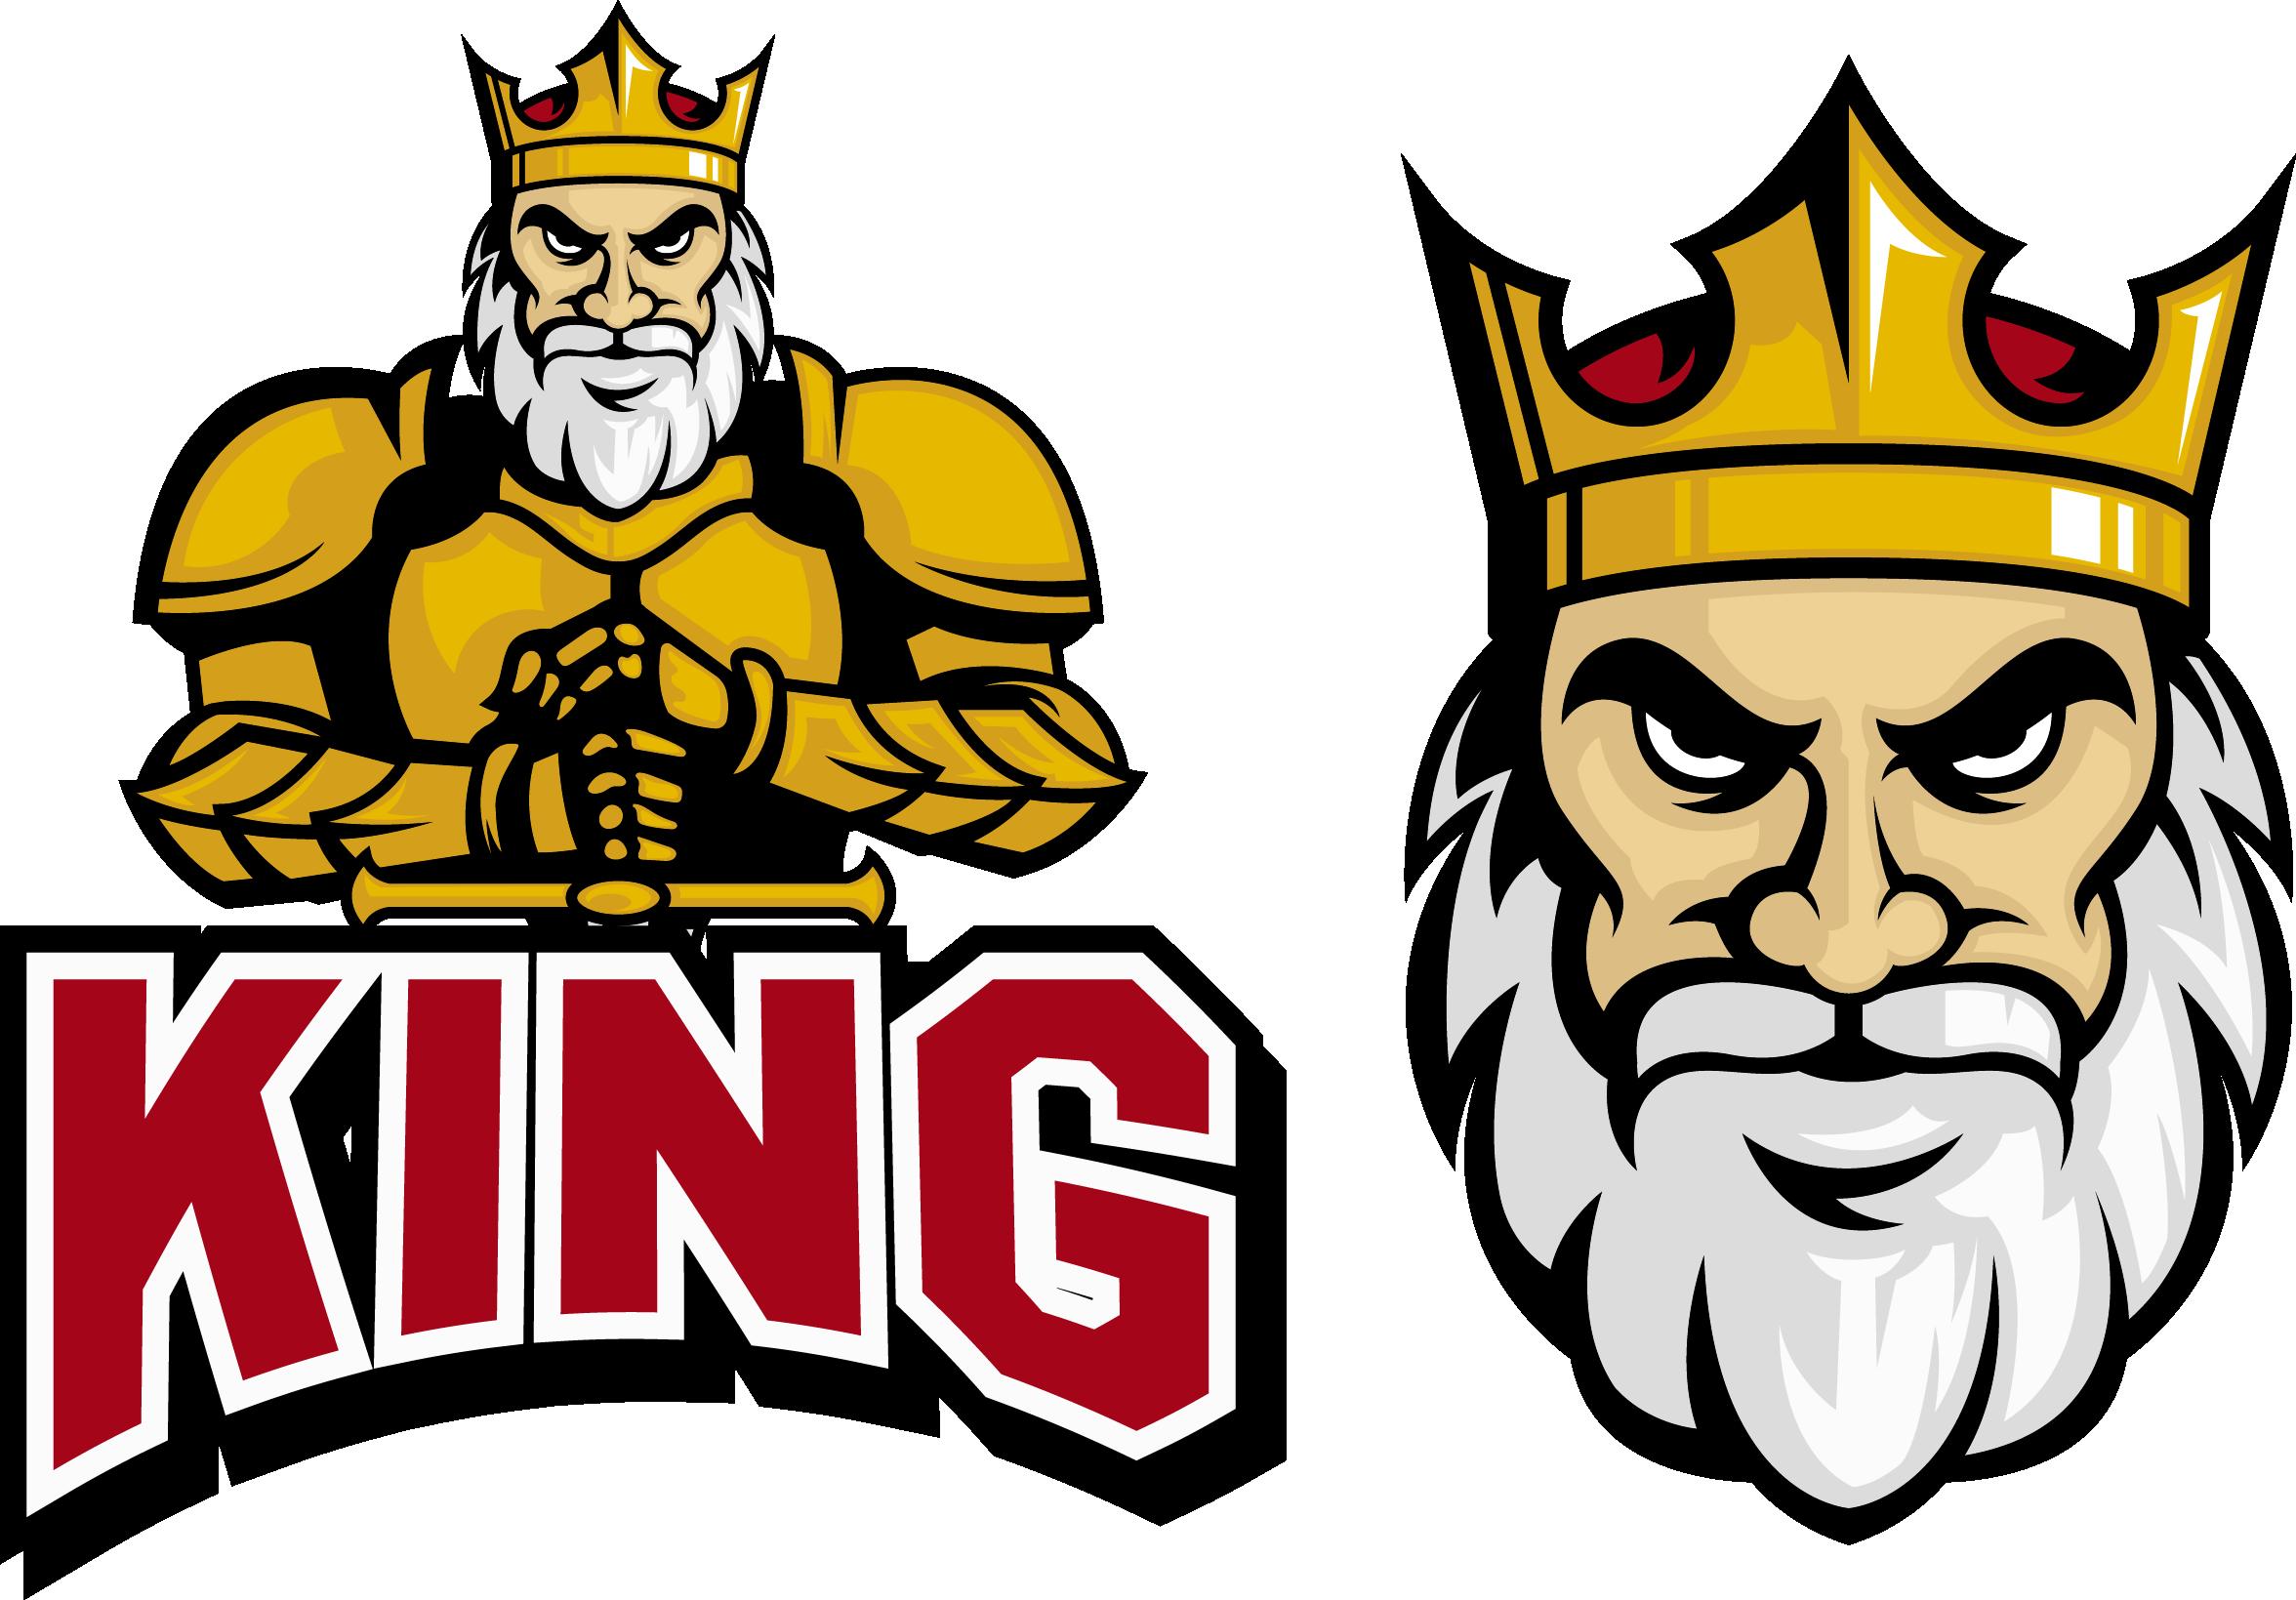 King clipart england king. Logo clip art european